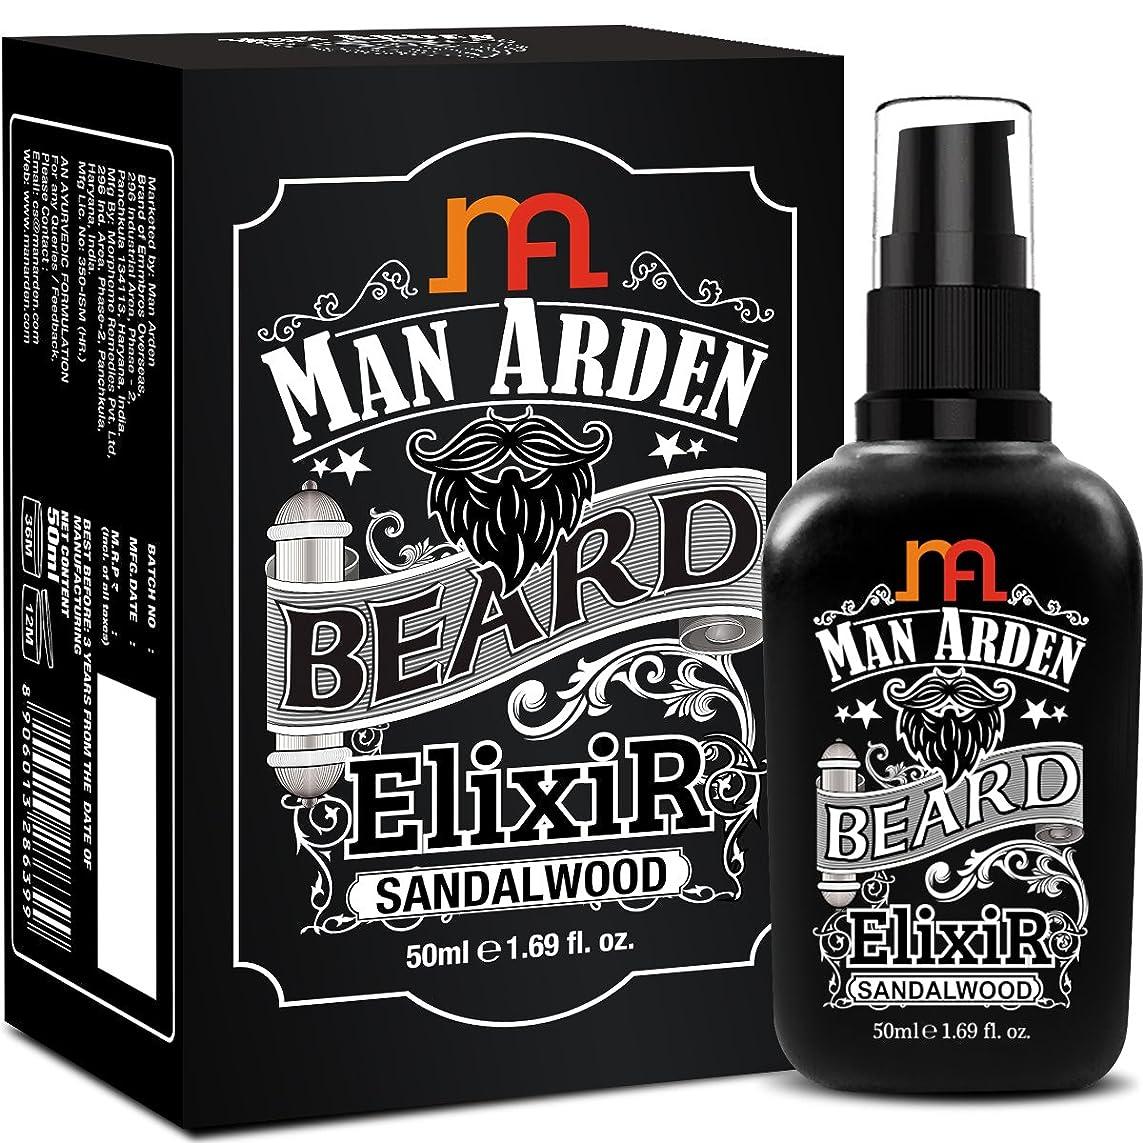 補う受粉するメーカーMan Arden Beard Elixir Oil 50ml (Sandalwood) - 7 Oils Blend For Beard Repair, Growth & Nourishment8906013286399